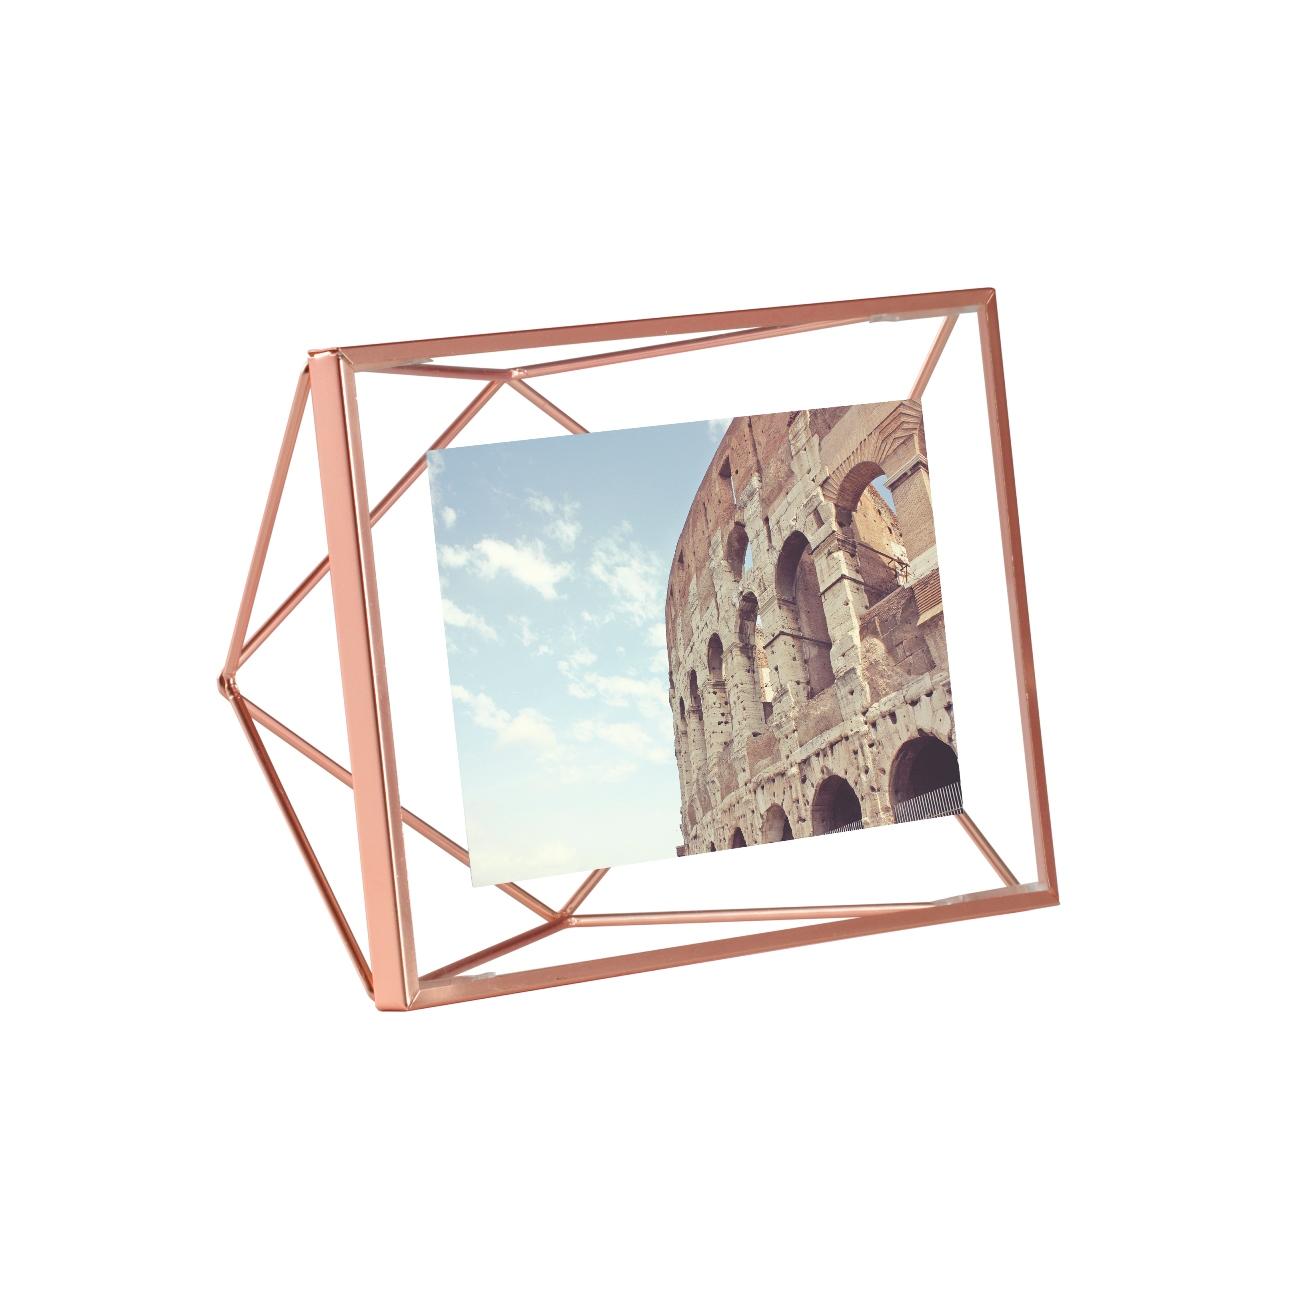 Фоторамка PrismaРамки для фотографий<br>Настоящий алмаз вашей комнаты! Вдохновленная огранкой бриллиантов форма это рамки привлекает внимание и вызывает восхищение - очень необычная вещица. Но ее достоинство в том, что она не отвлекает от главного - от фотографии внутри.<br>Подходит для фото размером 10 х 15 см.<br><br>Material: Сталь<br>Width см: 20,5<br>Depth см: 7,6<br>Height см: 15,5<br>Diameter см: None